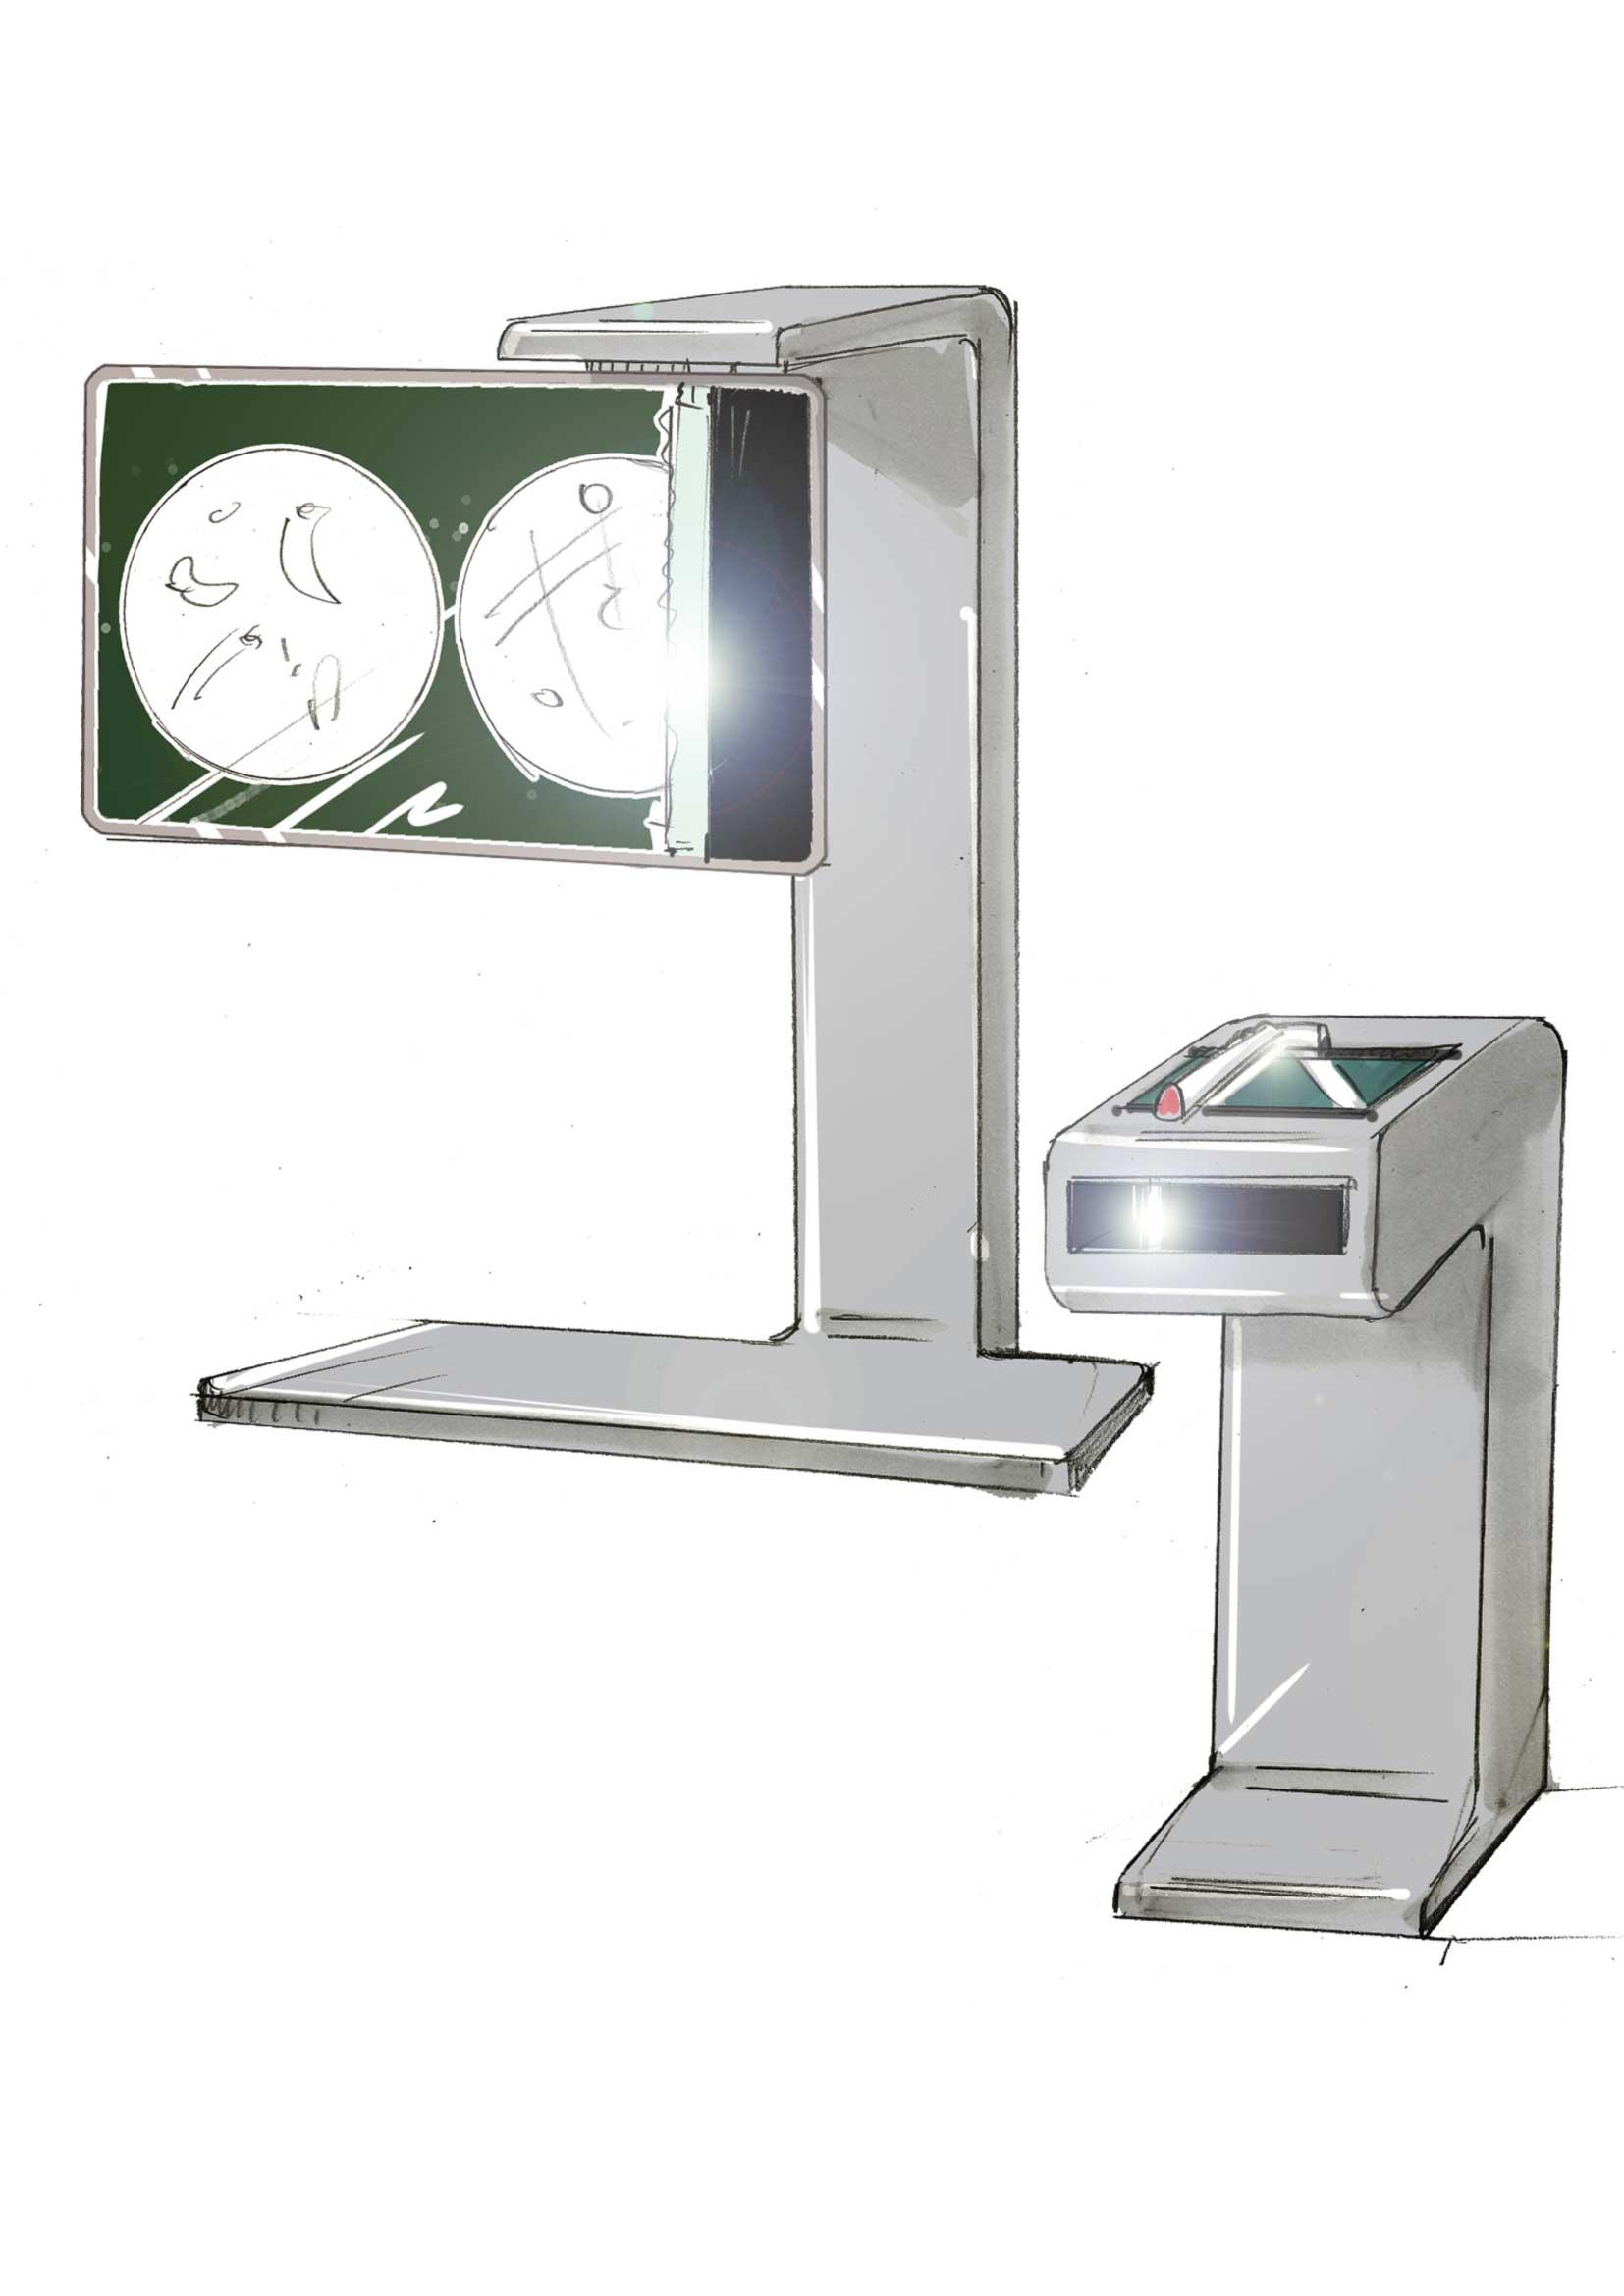 odorstop-scanner1.2